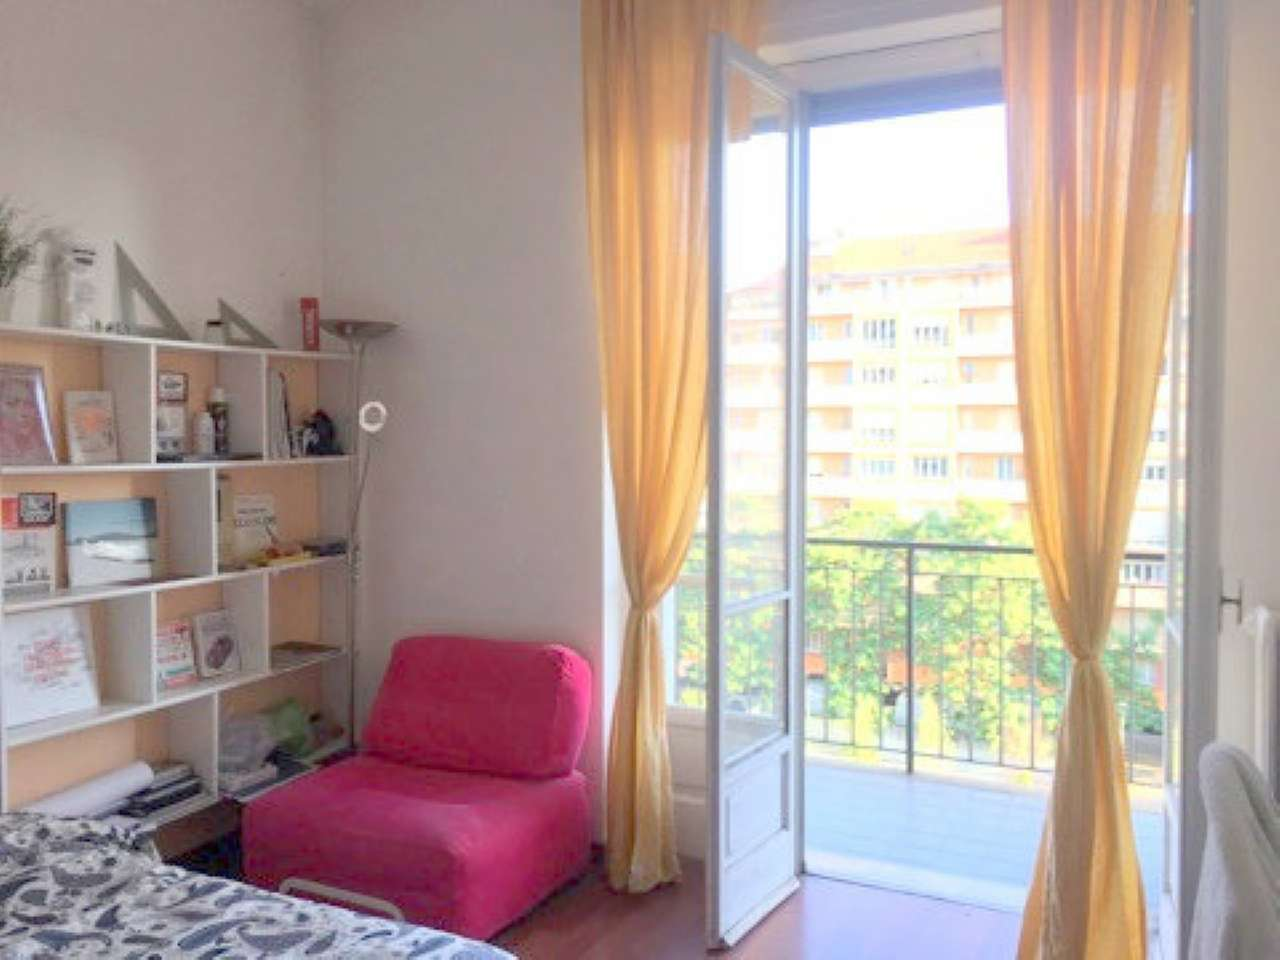 Appartamento in affitto Zona Cit Turin, San Donato, Campidoglio - piazza Risorgimento 24 Torino